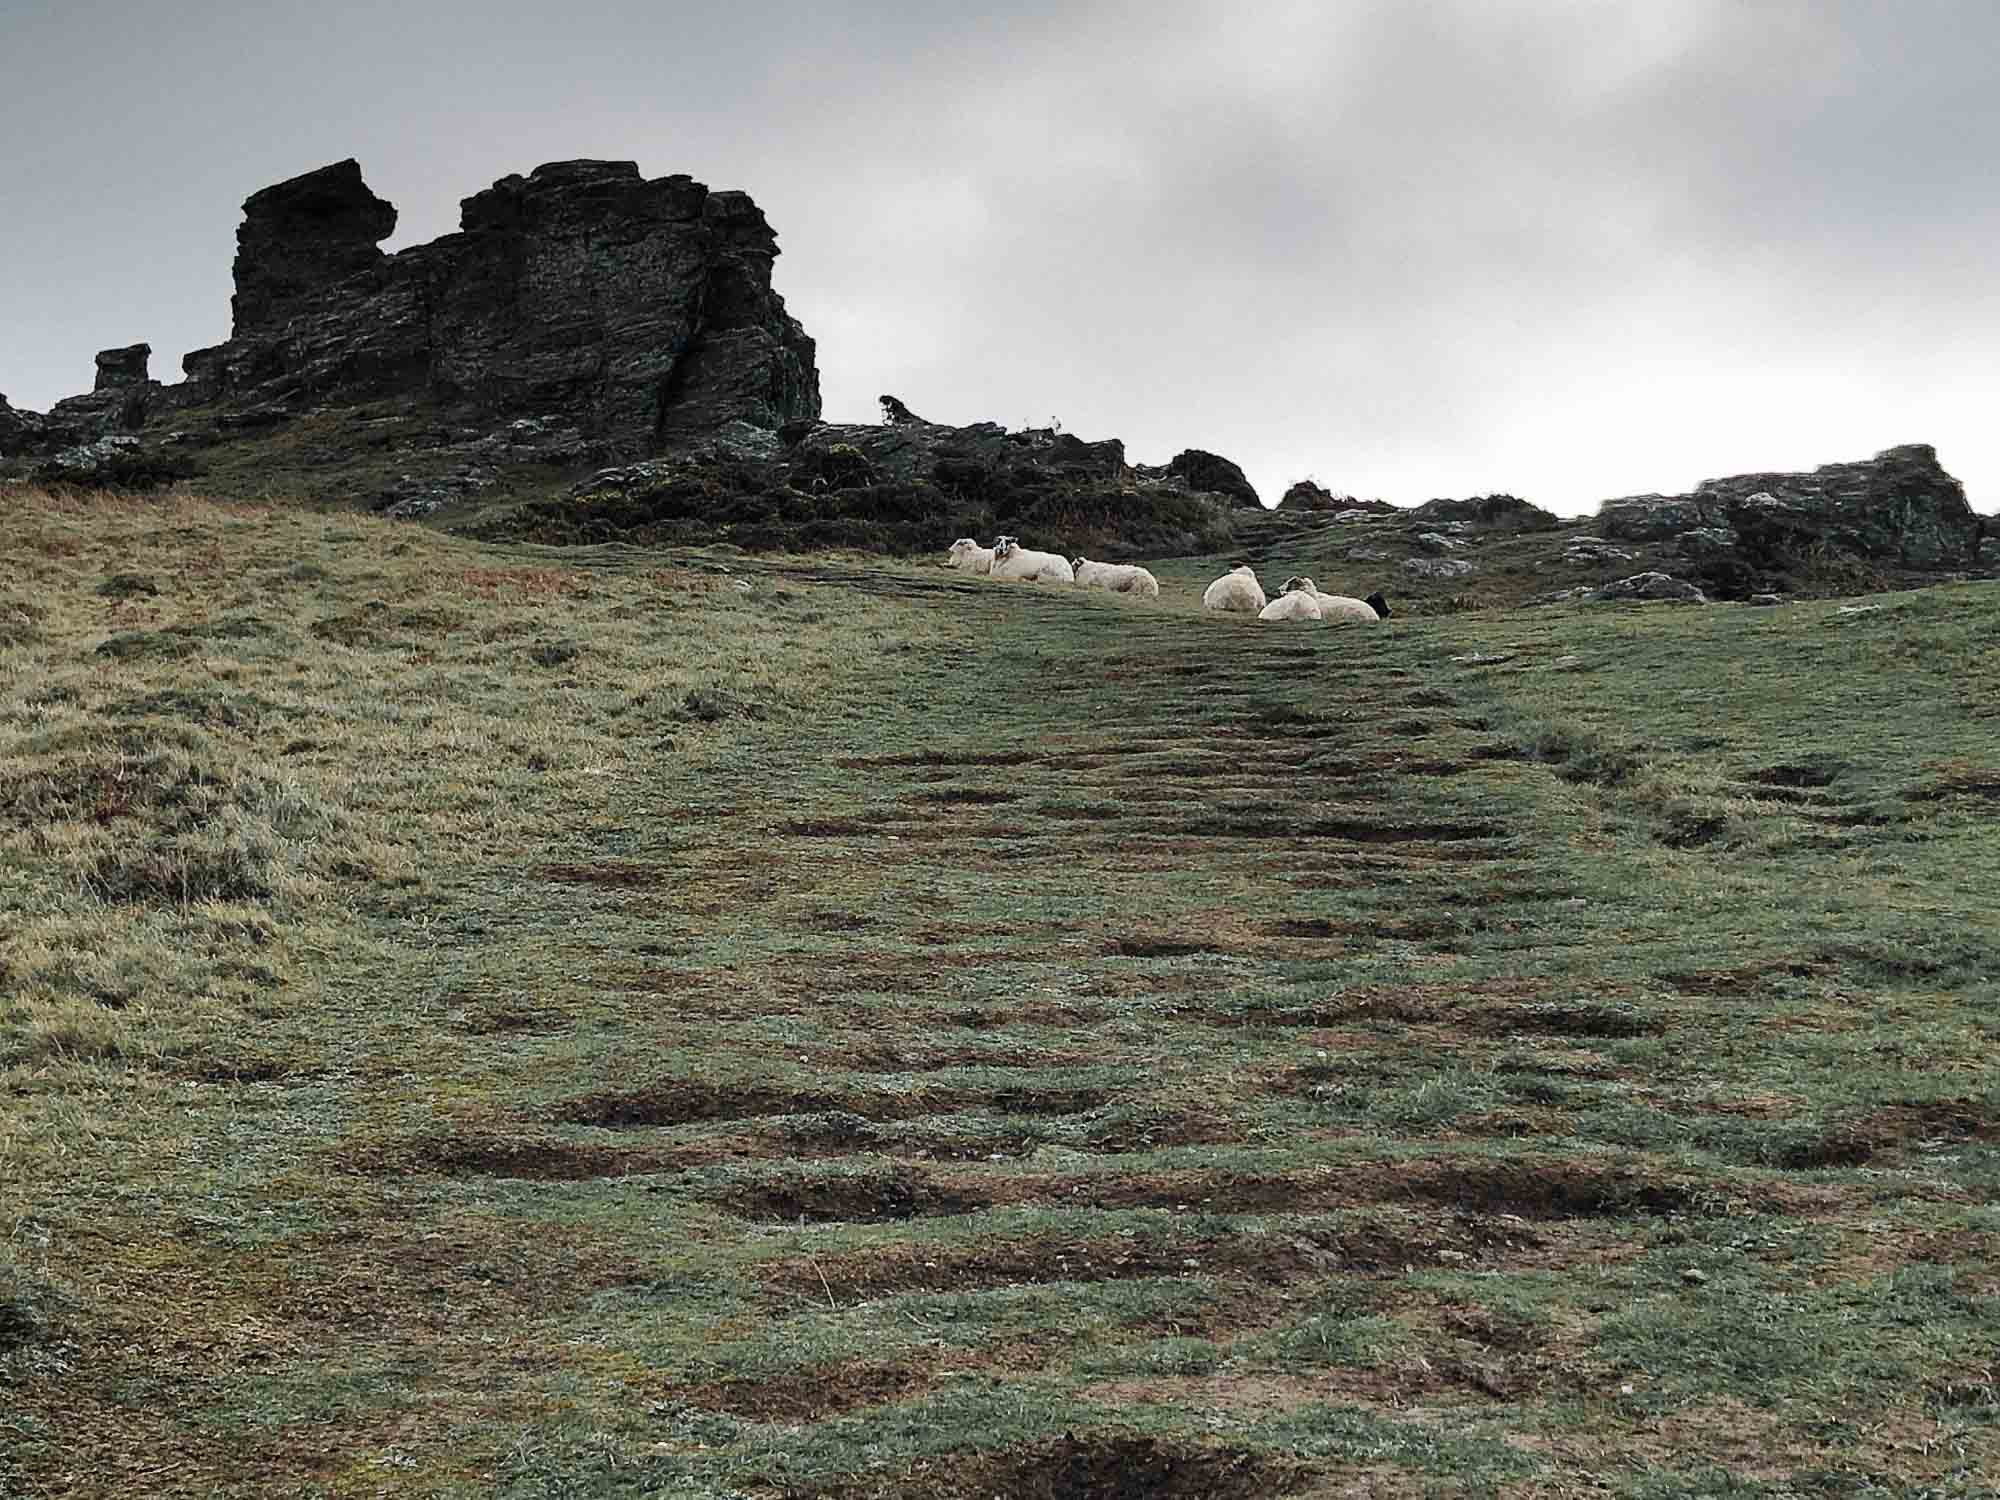 17 sheep on the hillside.jpg